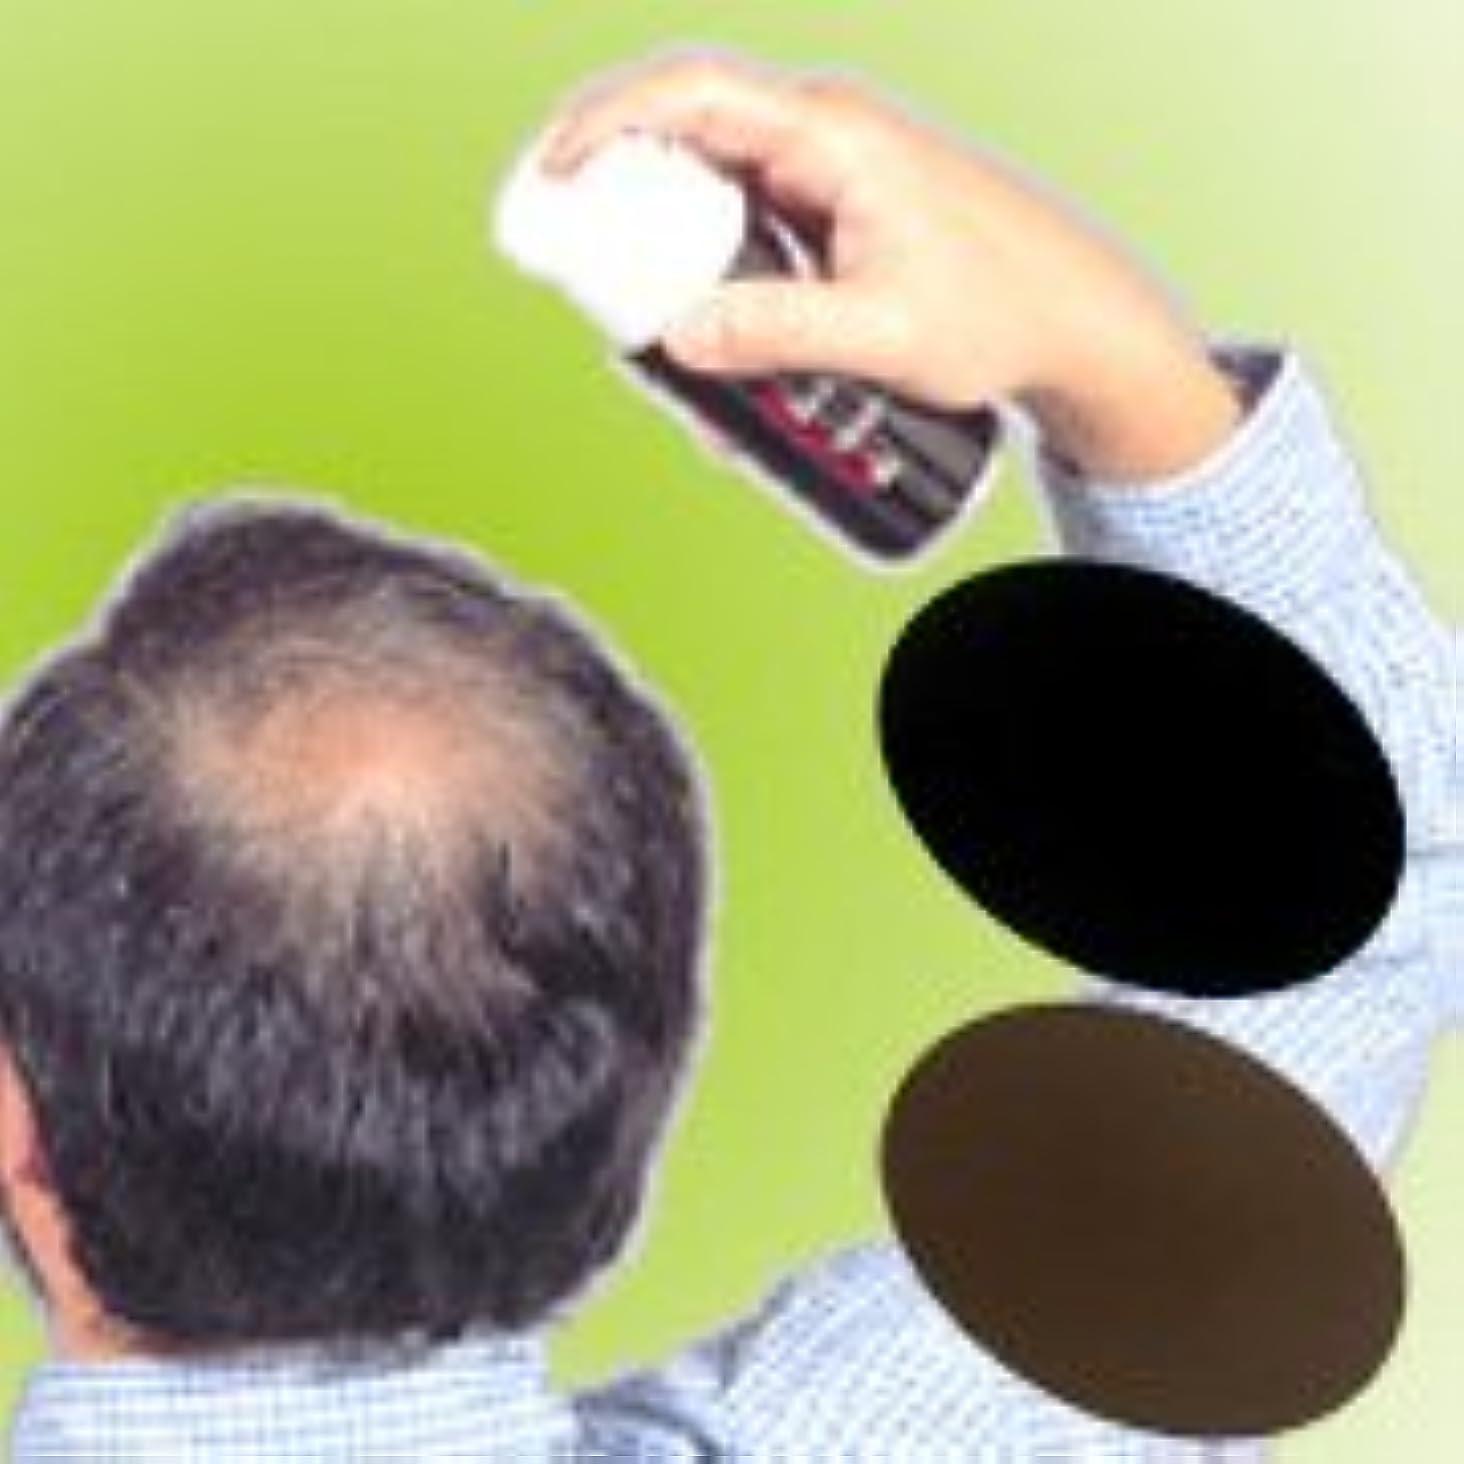 ブランド複雑な悪性の薄毛?白髪をワンタッチで隠します!男女兼用タイプの増毛スプレー!!【トミーリッチ ブラックヘアー】 (注意!商品の内訳は「ブラウン<数量12単位>」のみ)